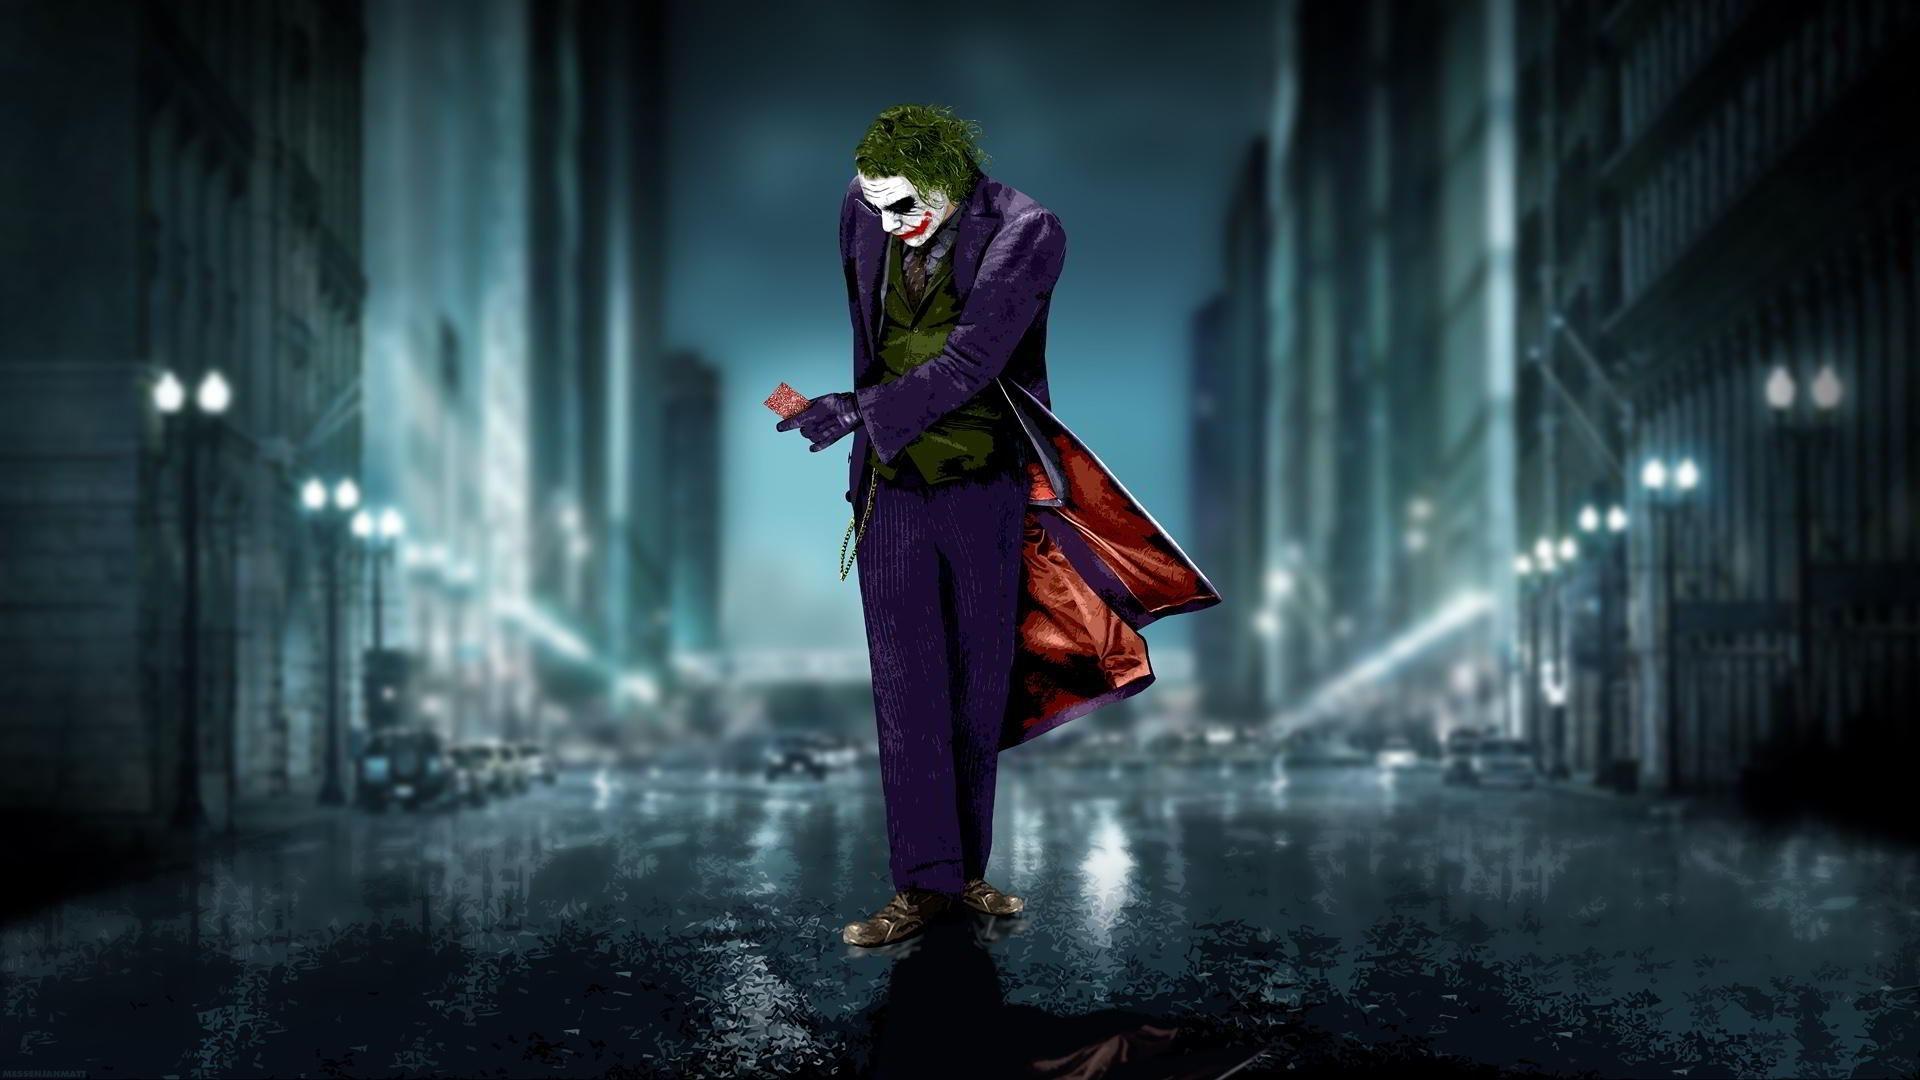 10 Latest Joker Wallpaper Why So Serious FULL HD 1080p For